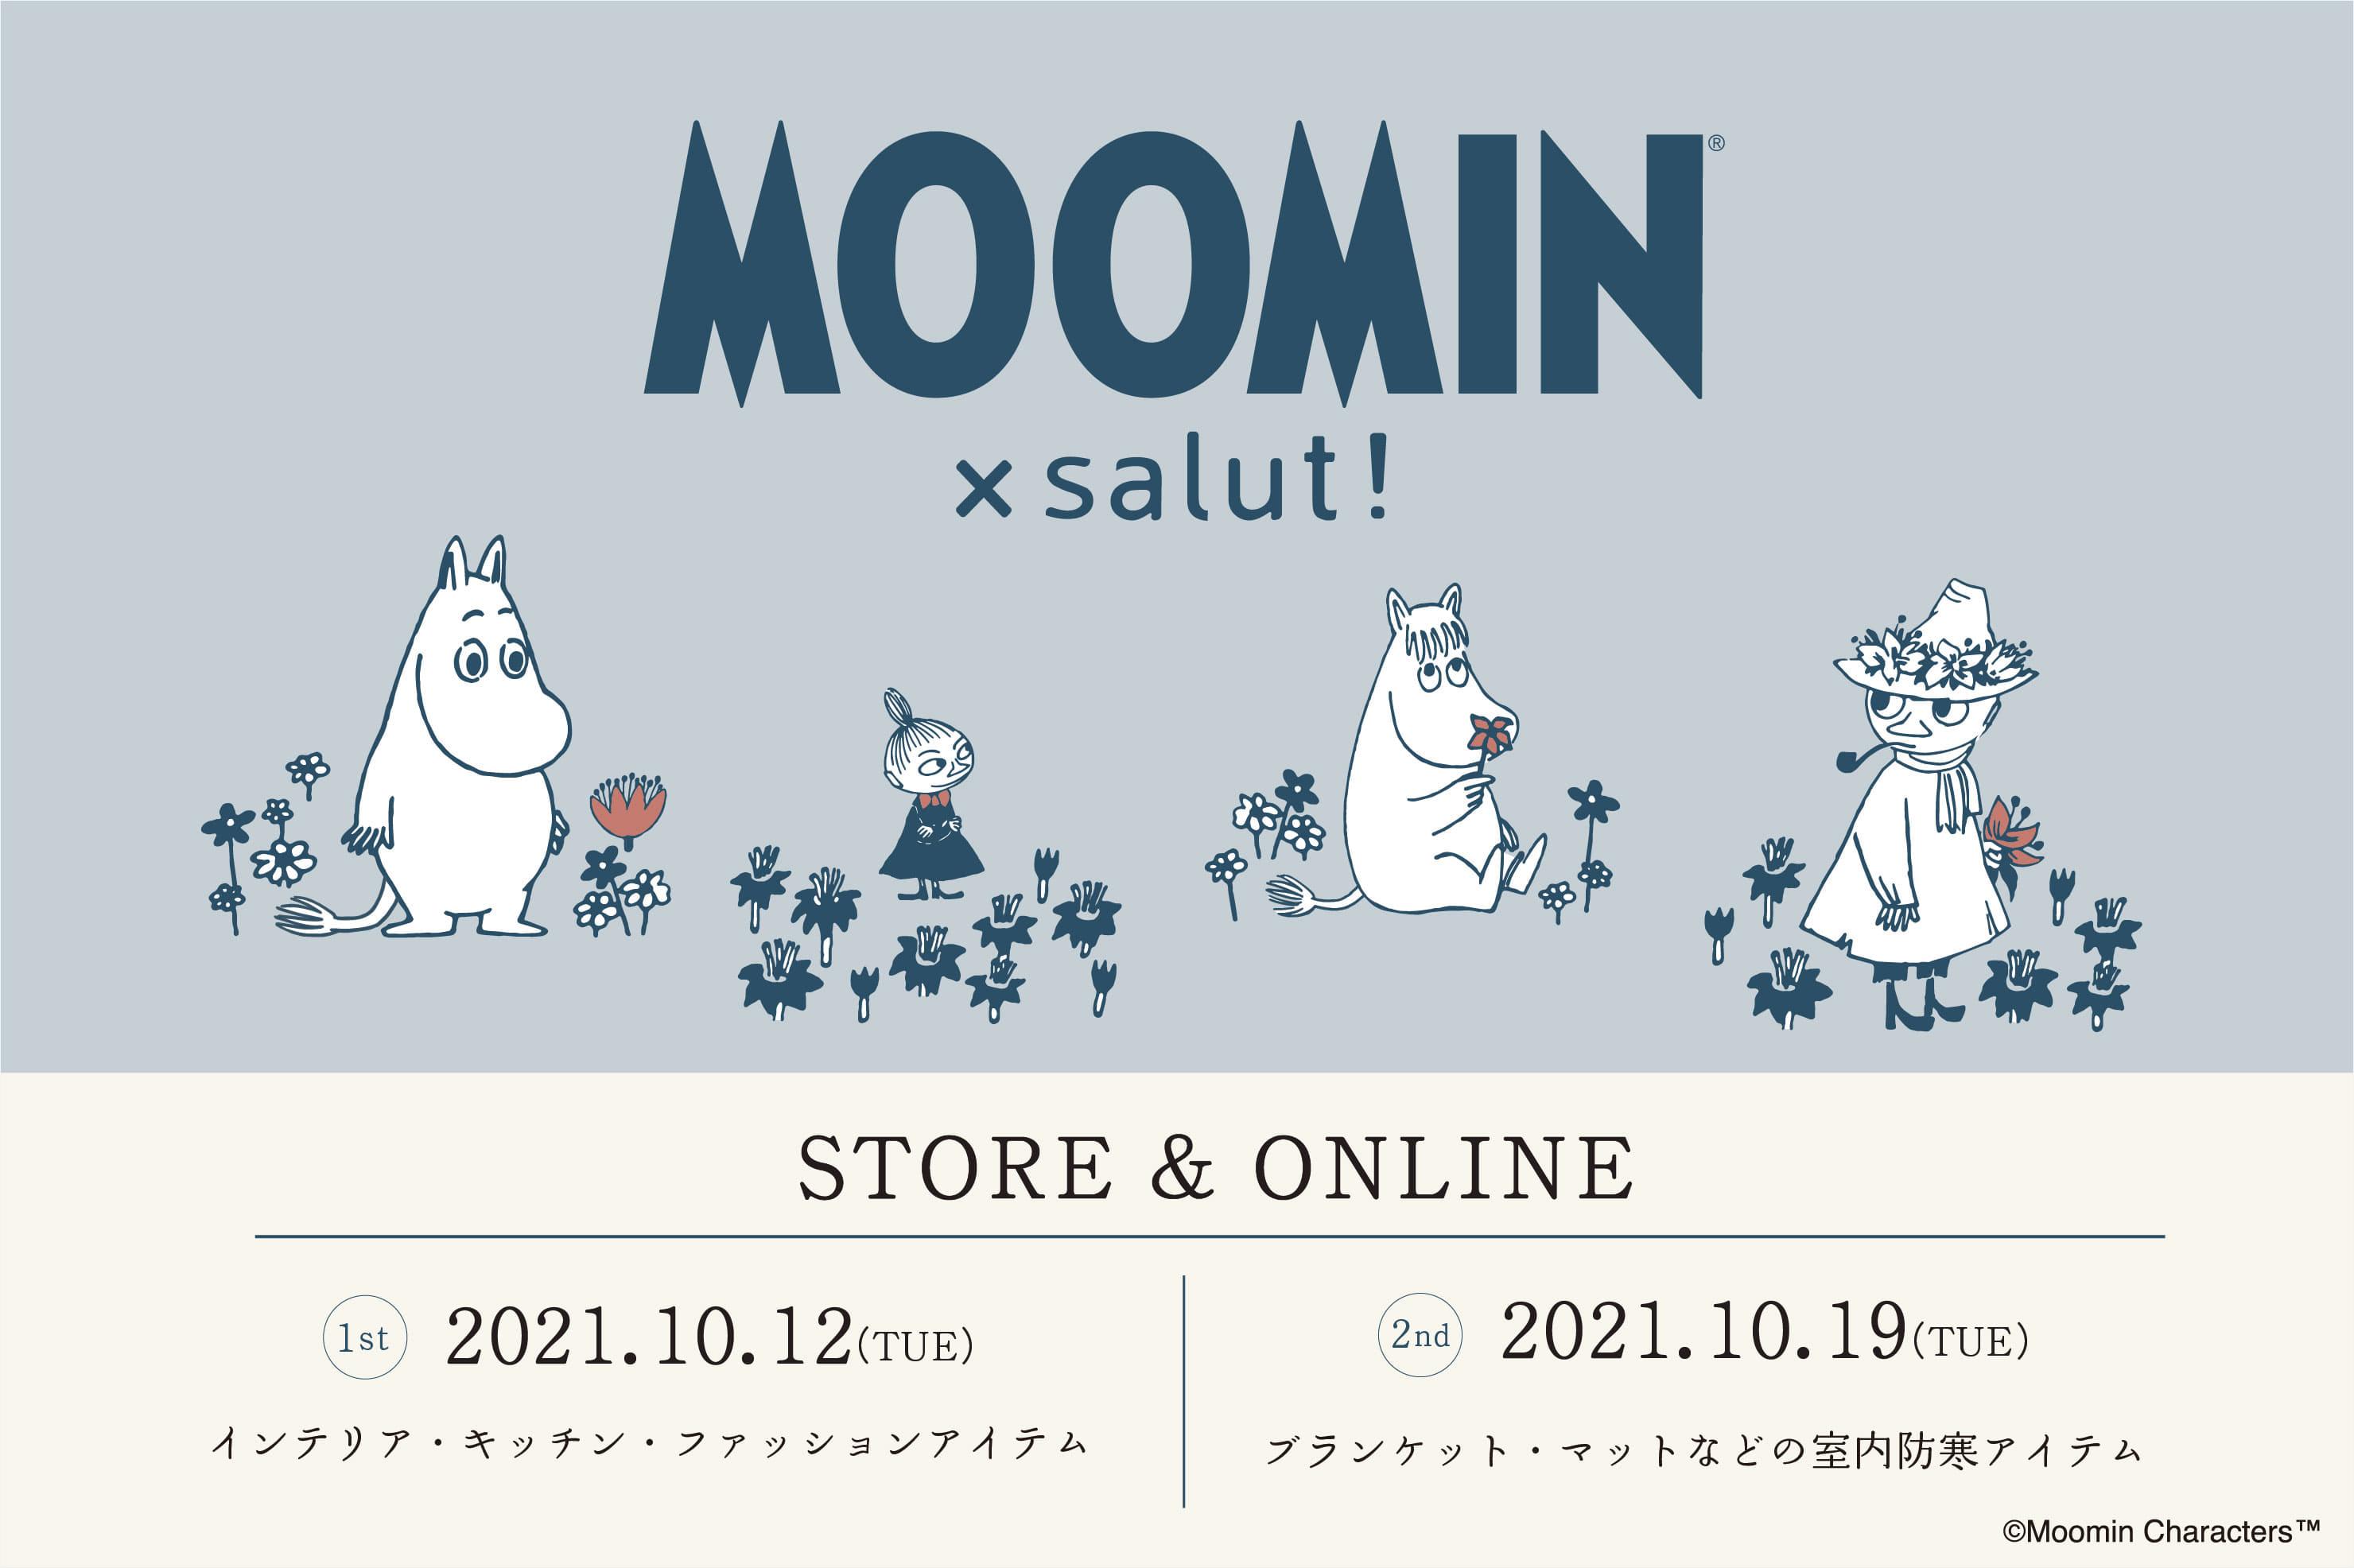 ムーミン×salut!のコラボアイテムが明日(10/12)から発売開始だよ!